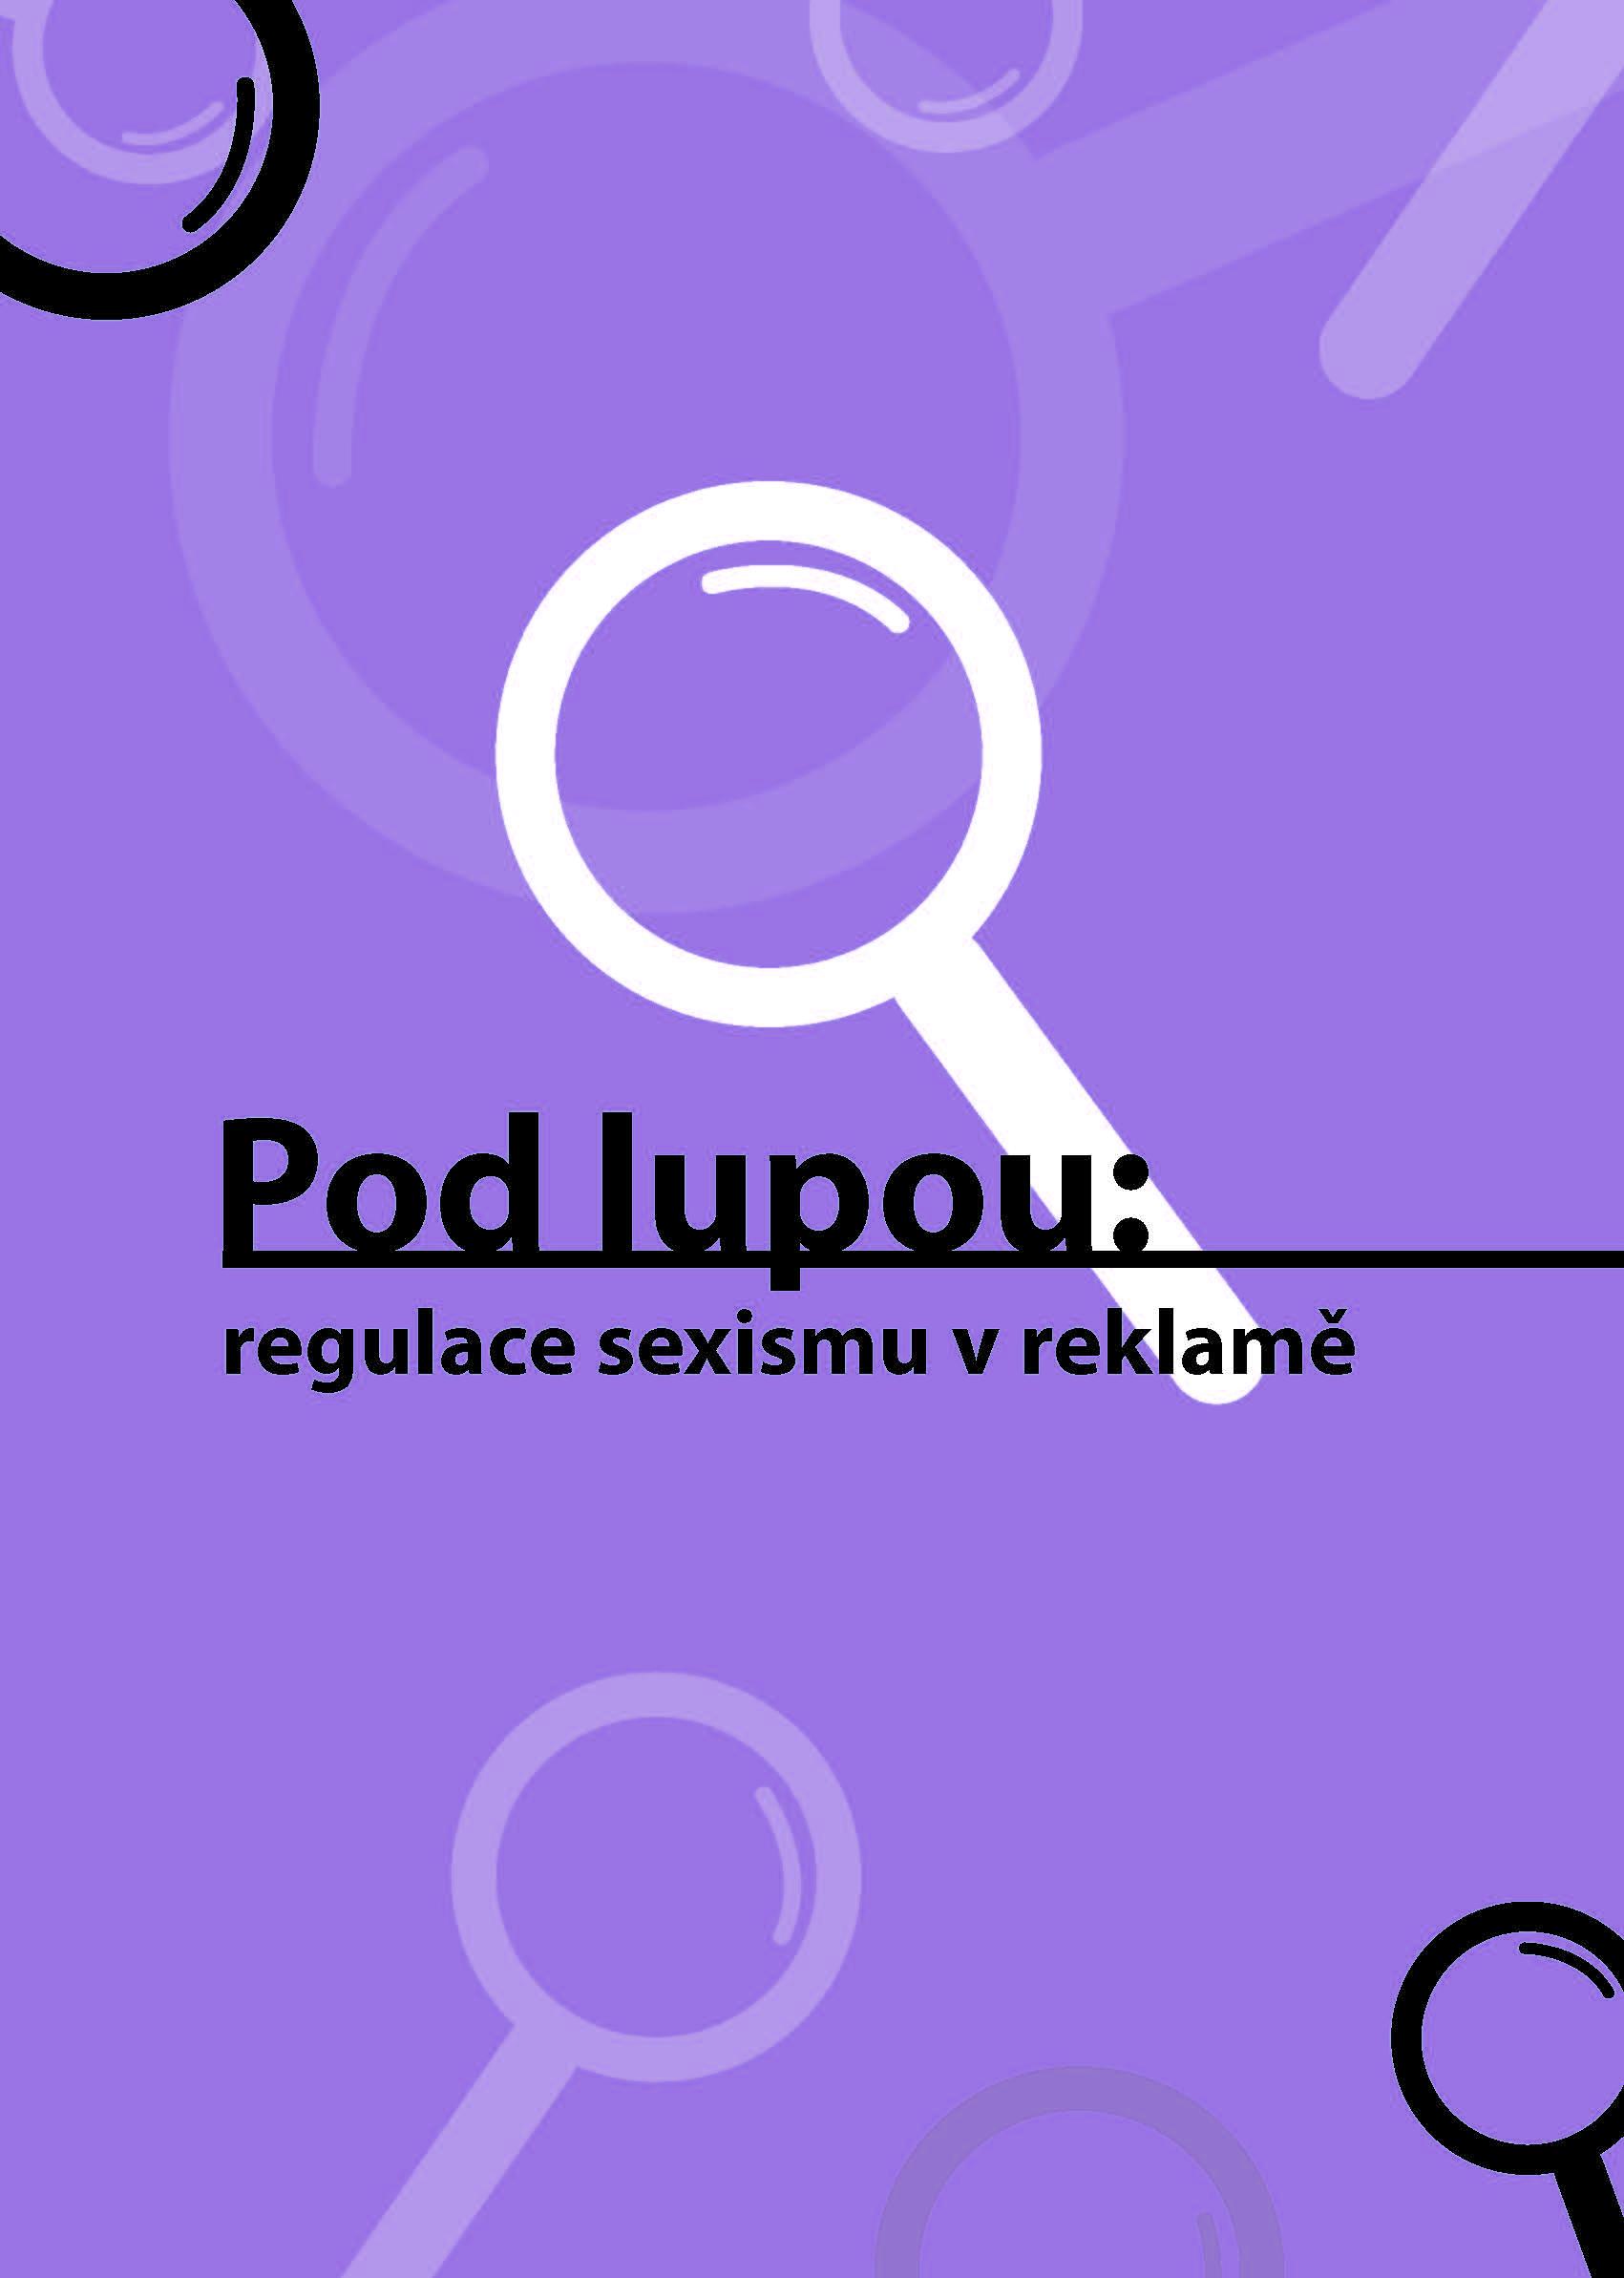 Publikace Pod lupou: rozhodování úřadů o sexistické reklamě je nejednotné